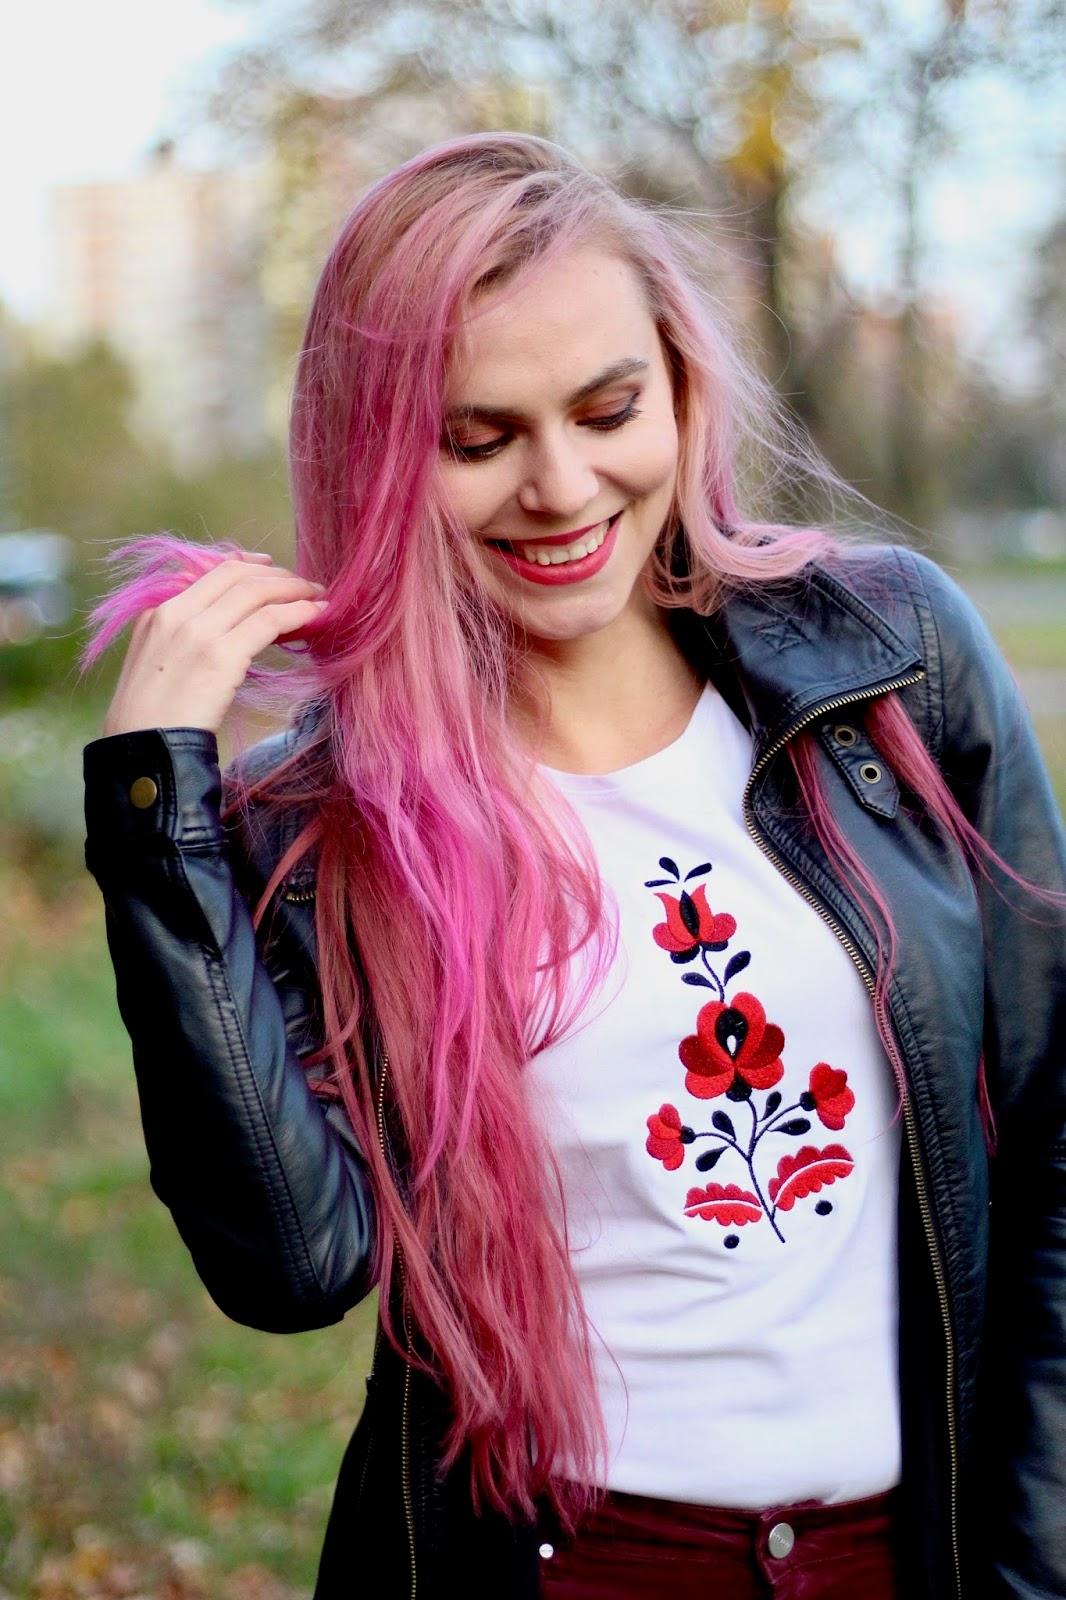 ružové vlasy, outfits fashion blogger